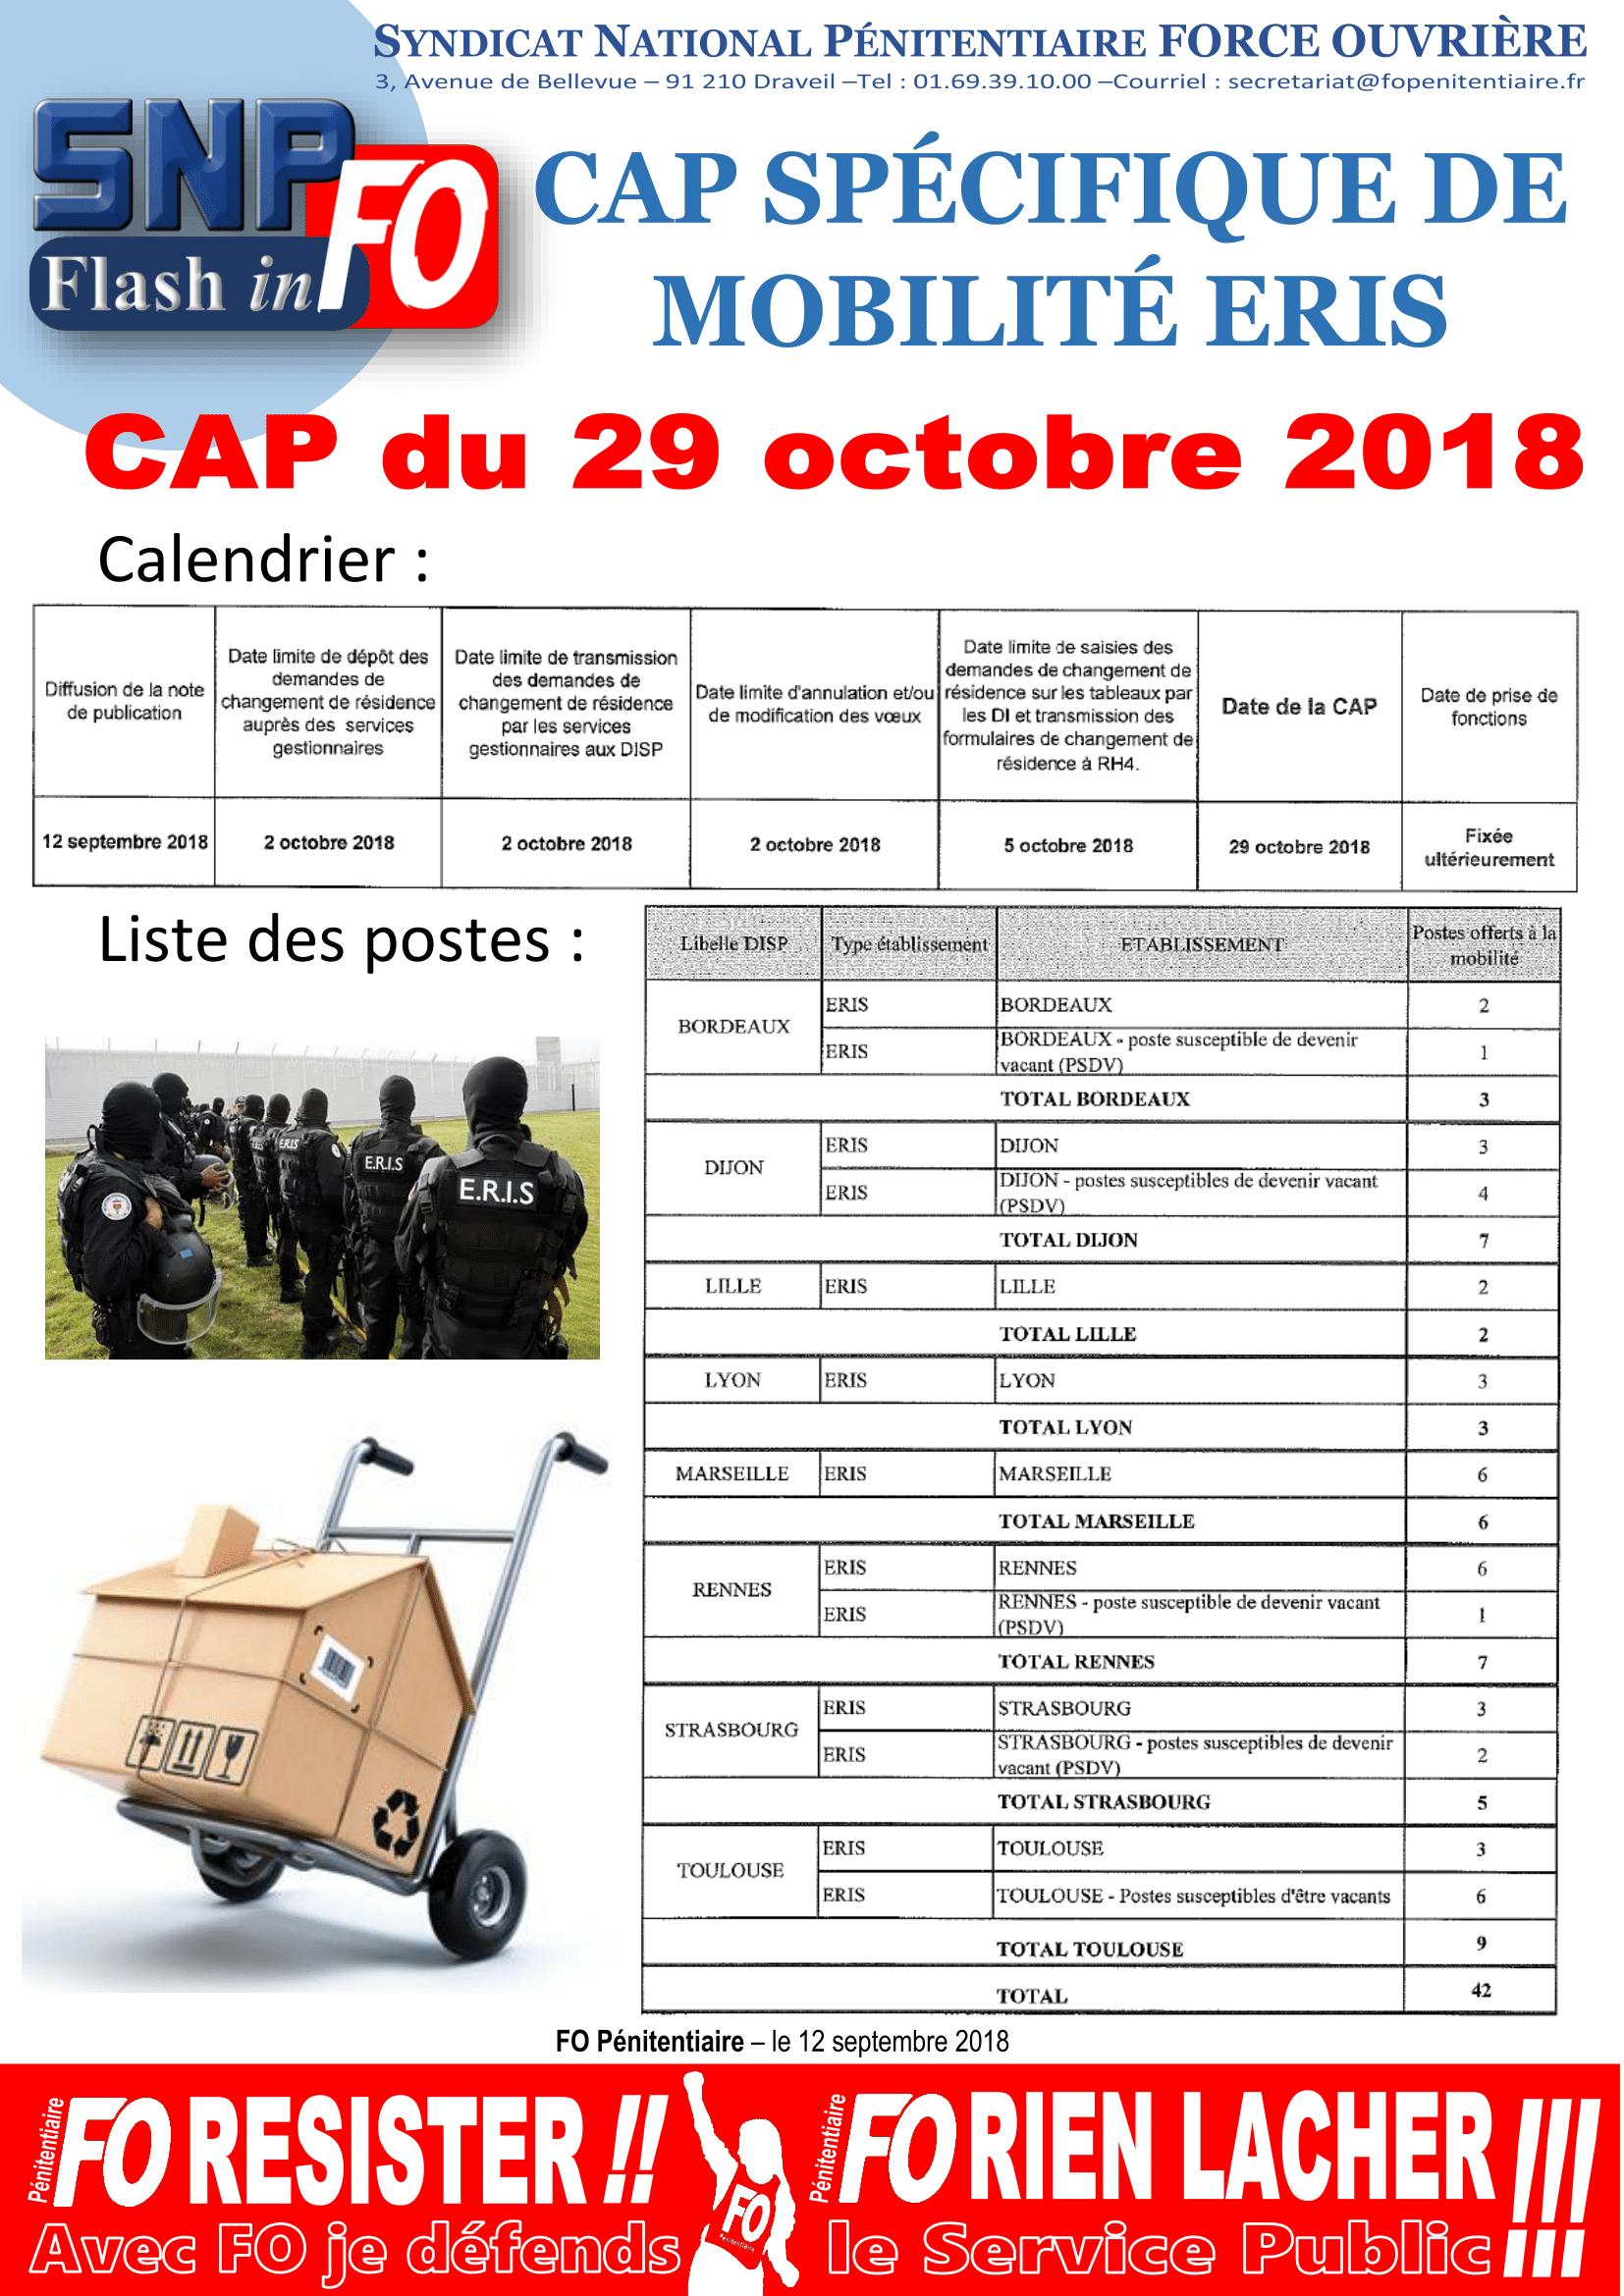 20180912 - Flash-inFO - CAP Spécifique ERIS du 29 Oct 2018-1